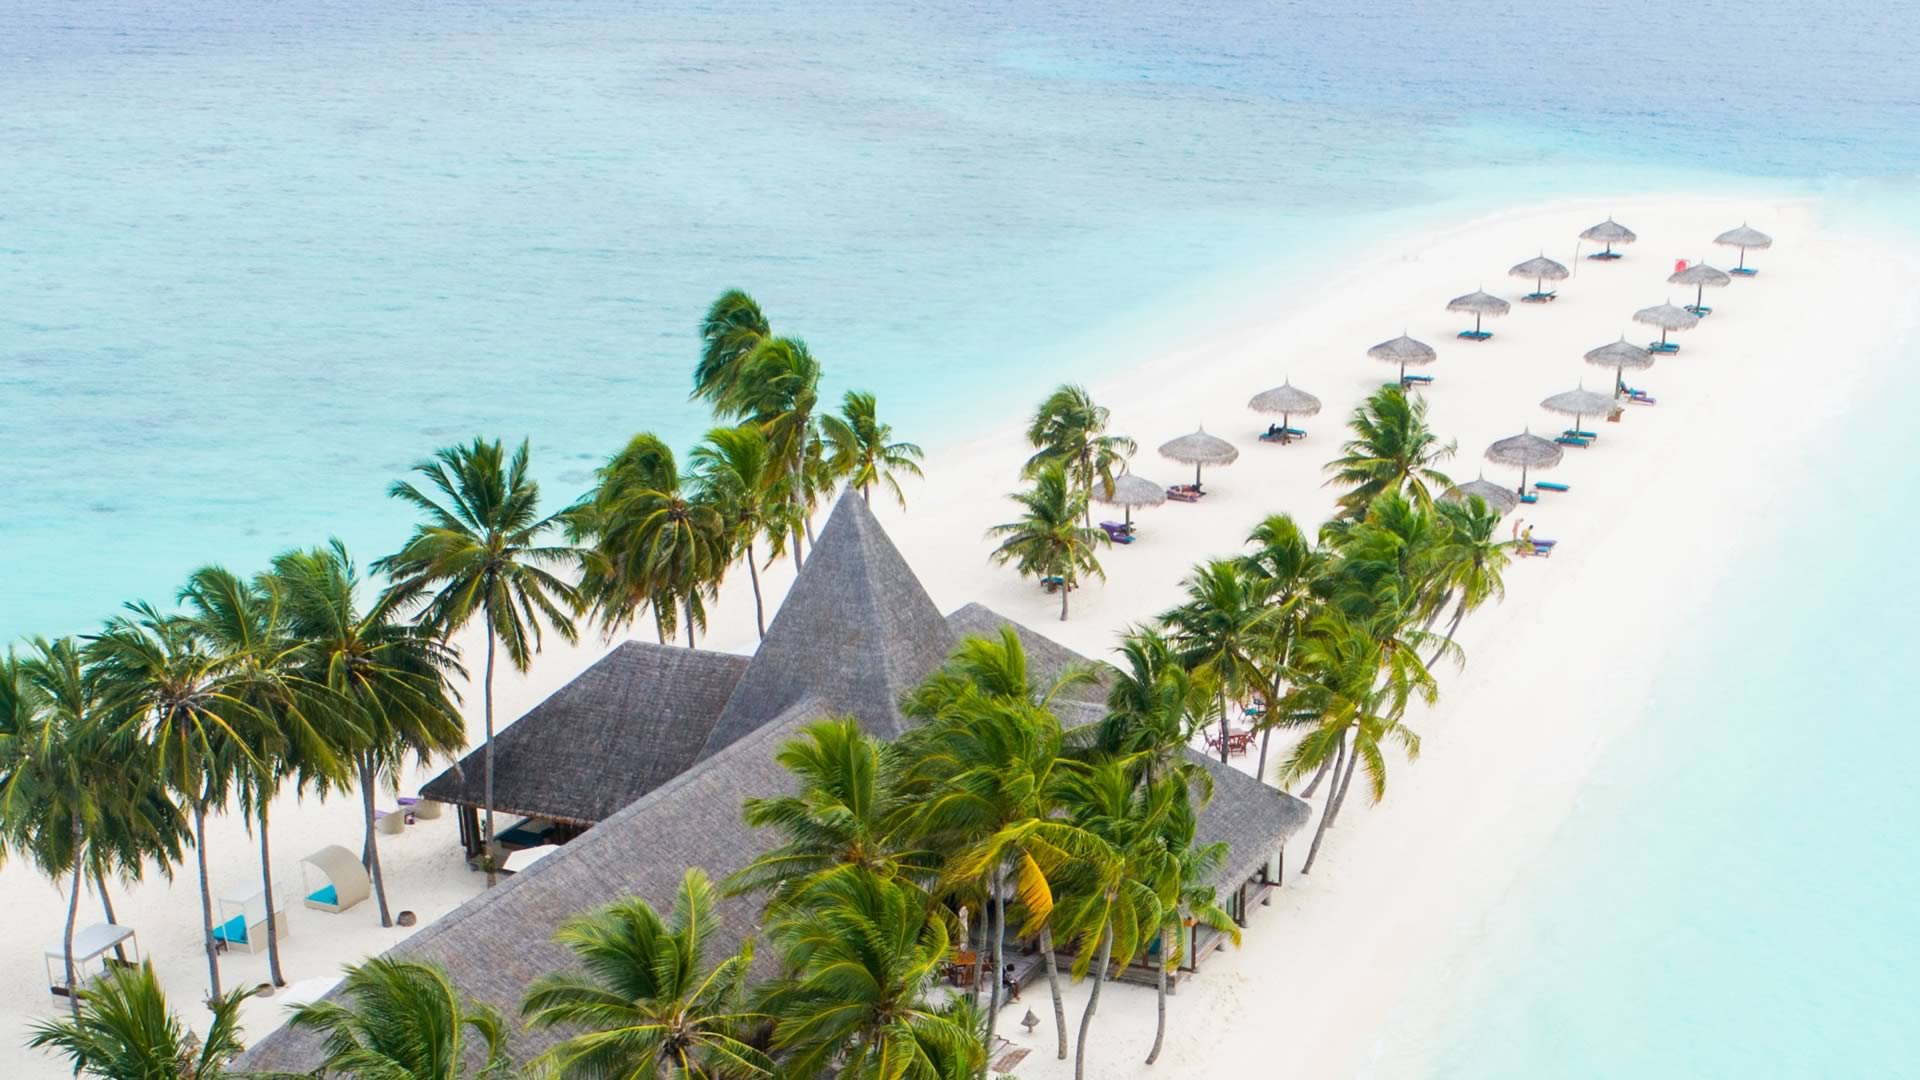 Plage palmiers île